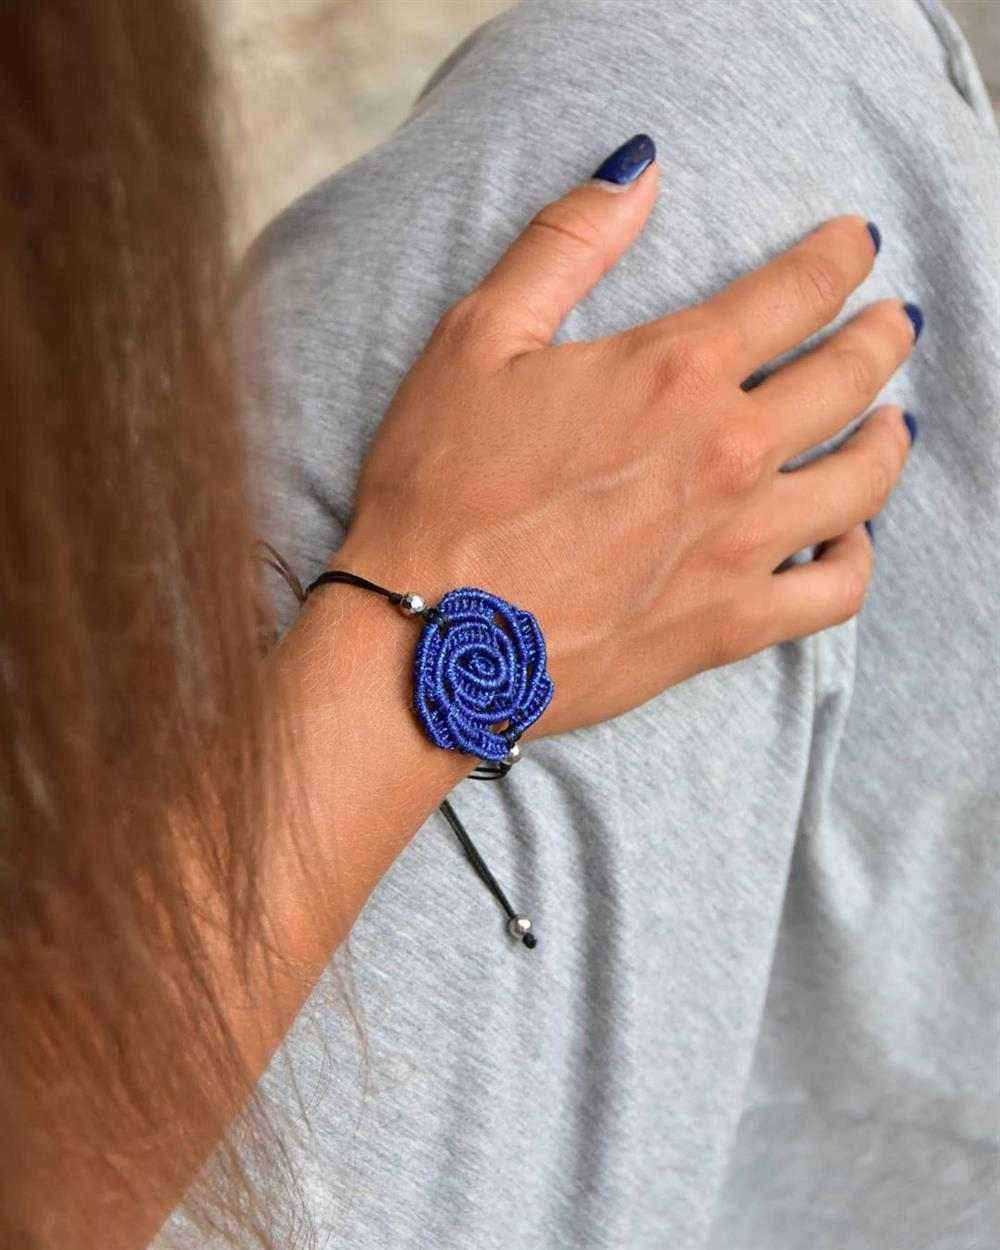 pulseira artesanal com flor